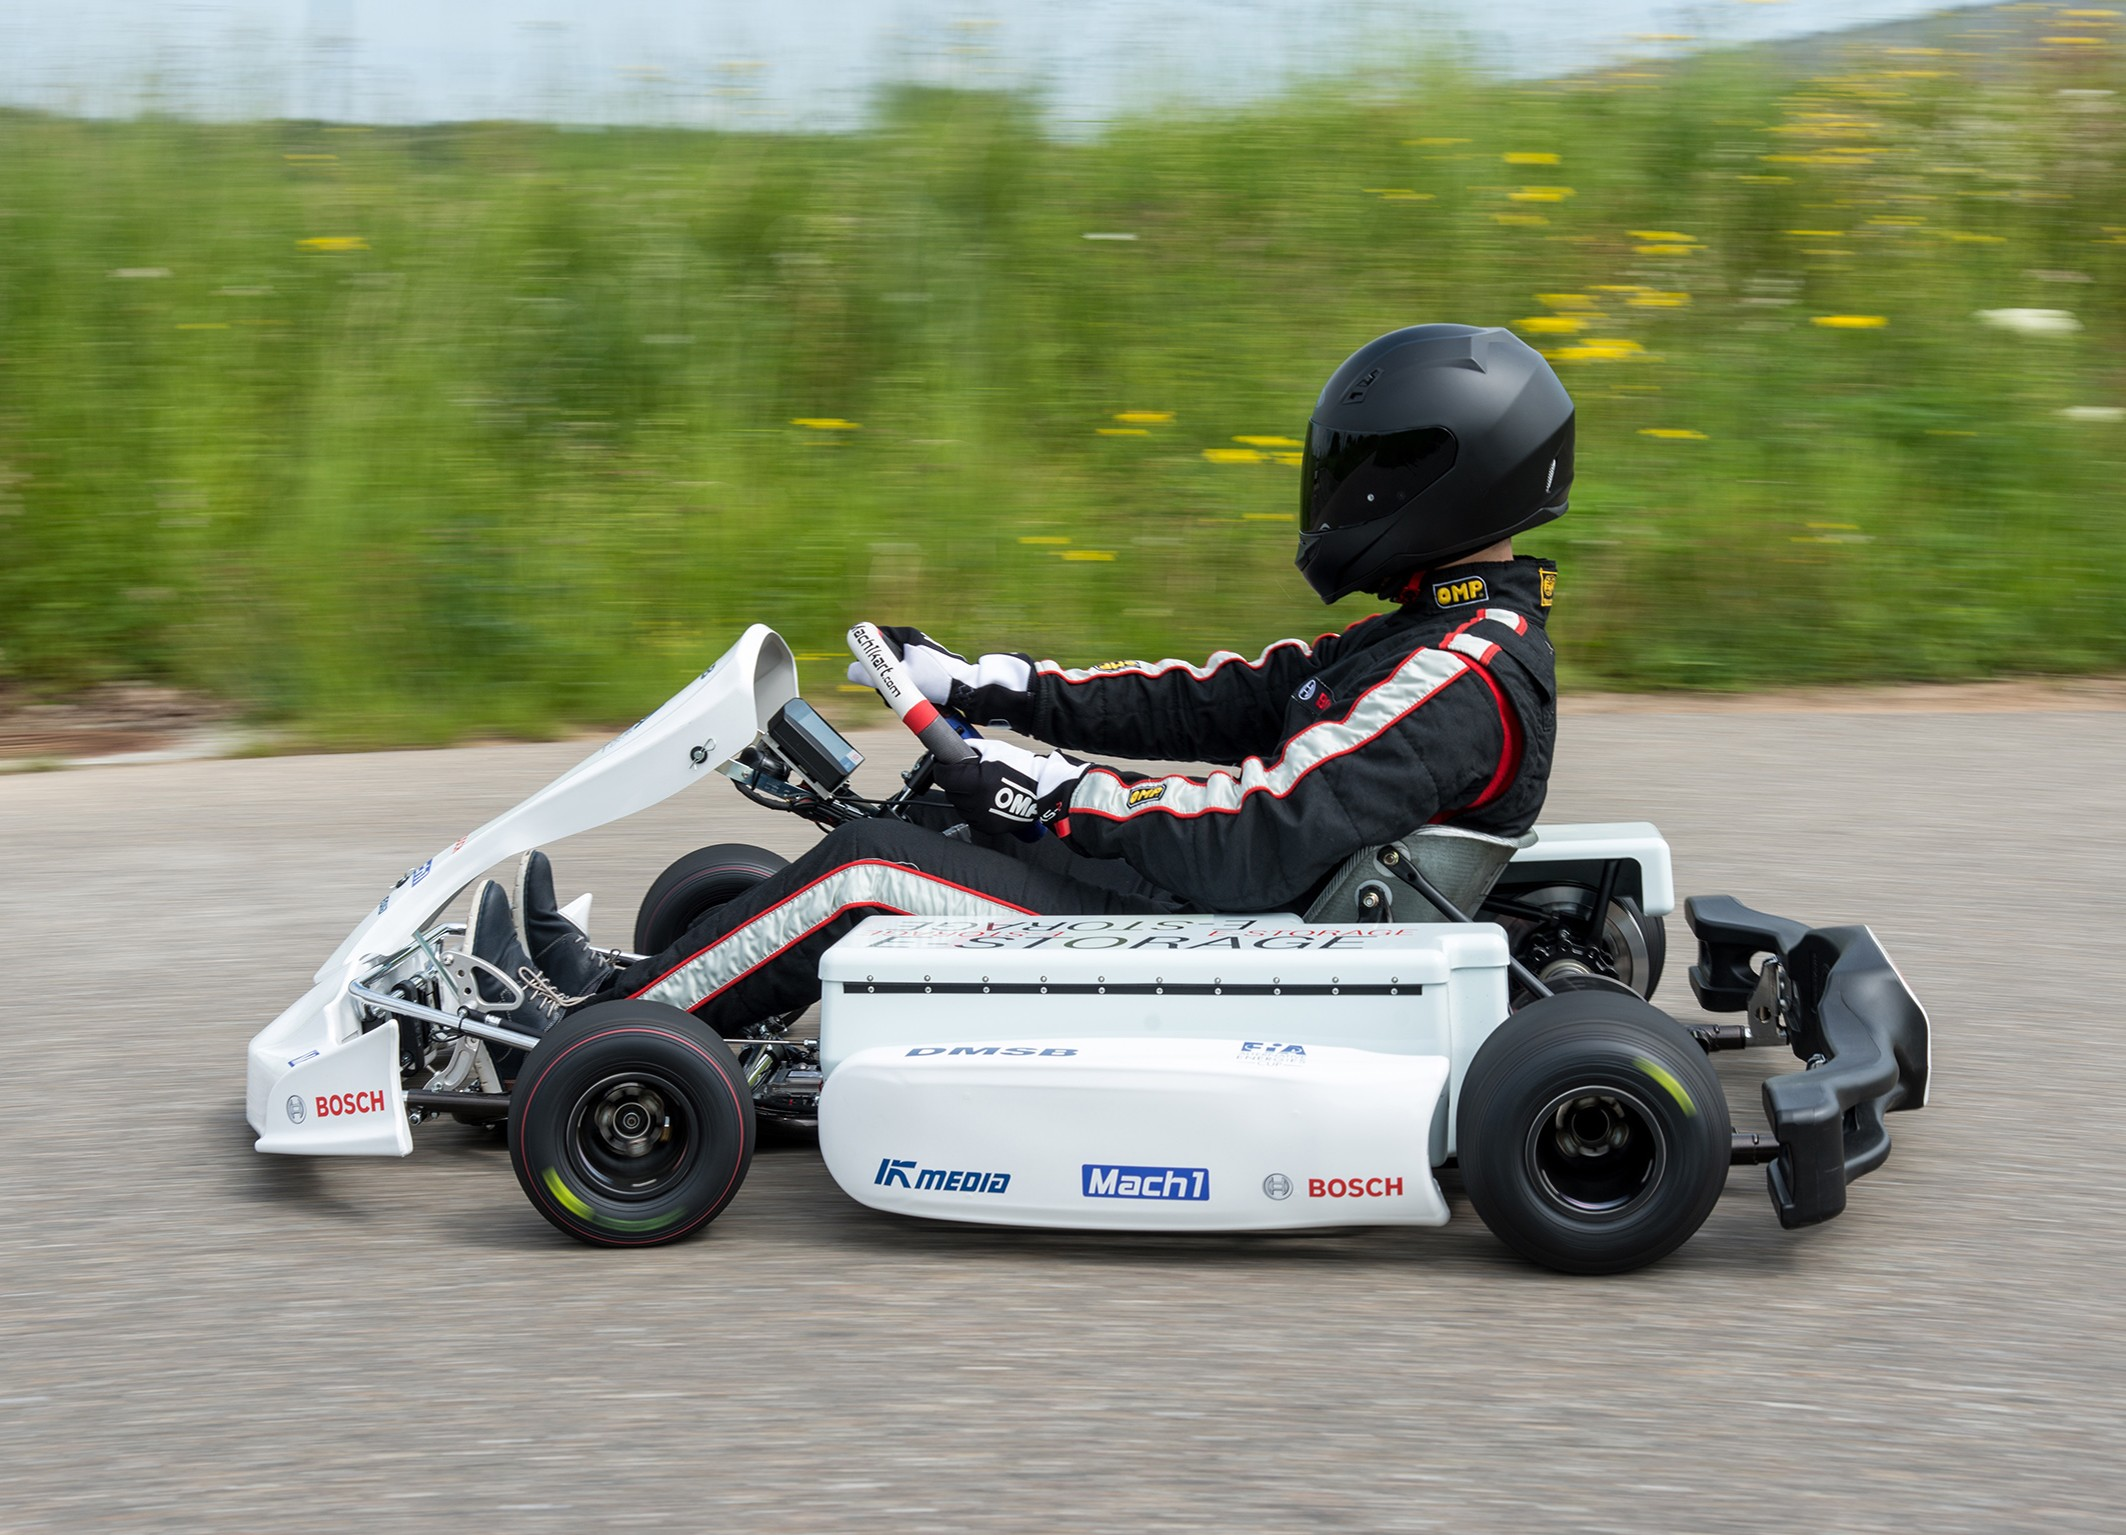 Bosch elektrische kart - Autovisie.nl